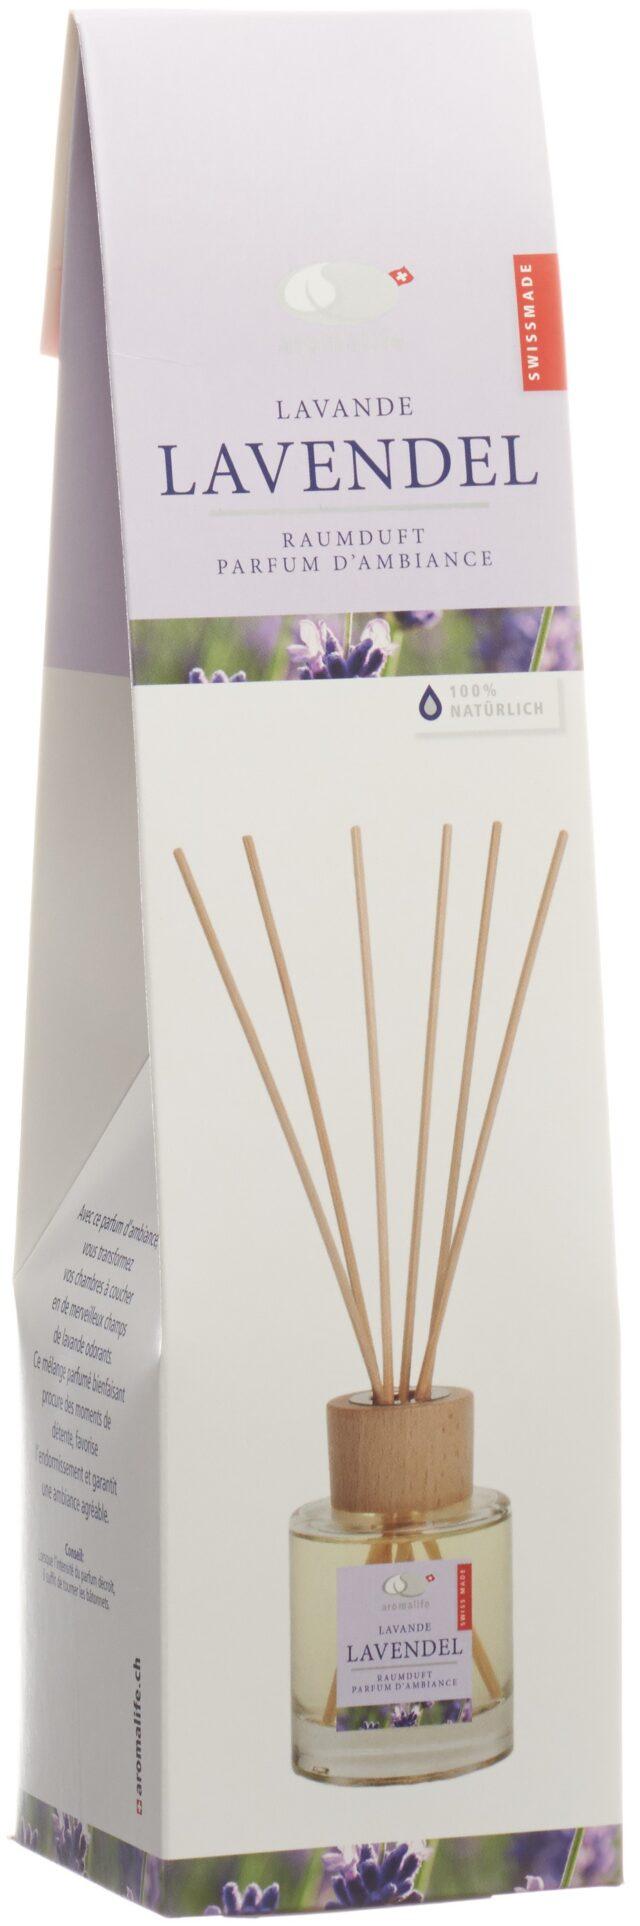 aromalife Raumduft Lavendel (110 ml)